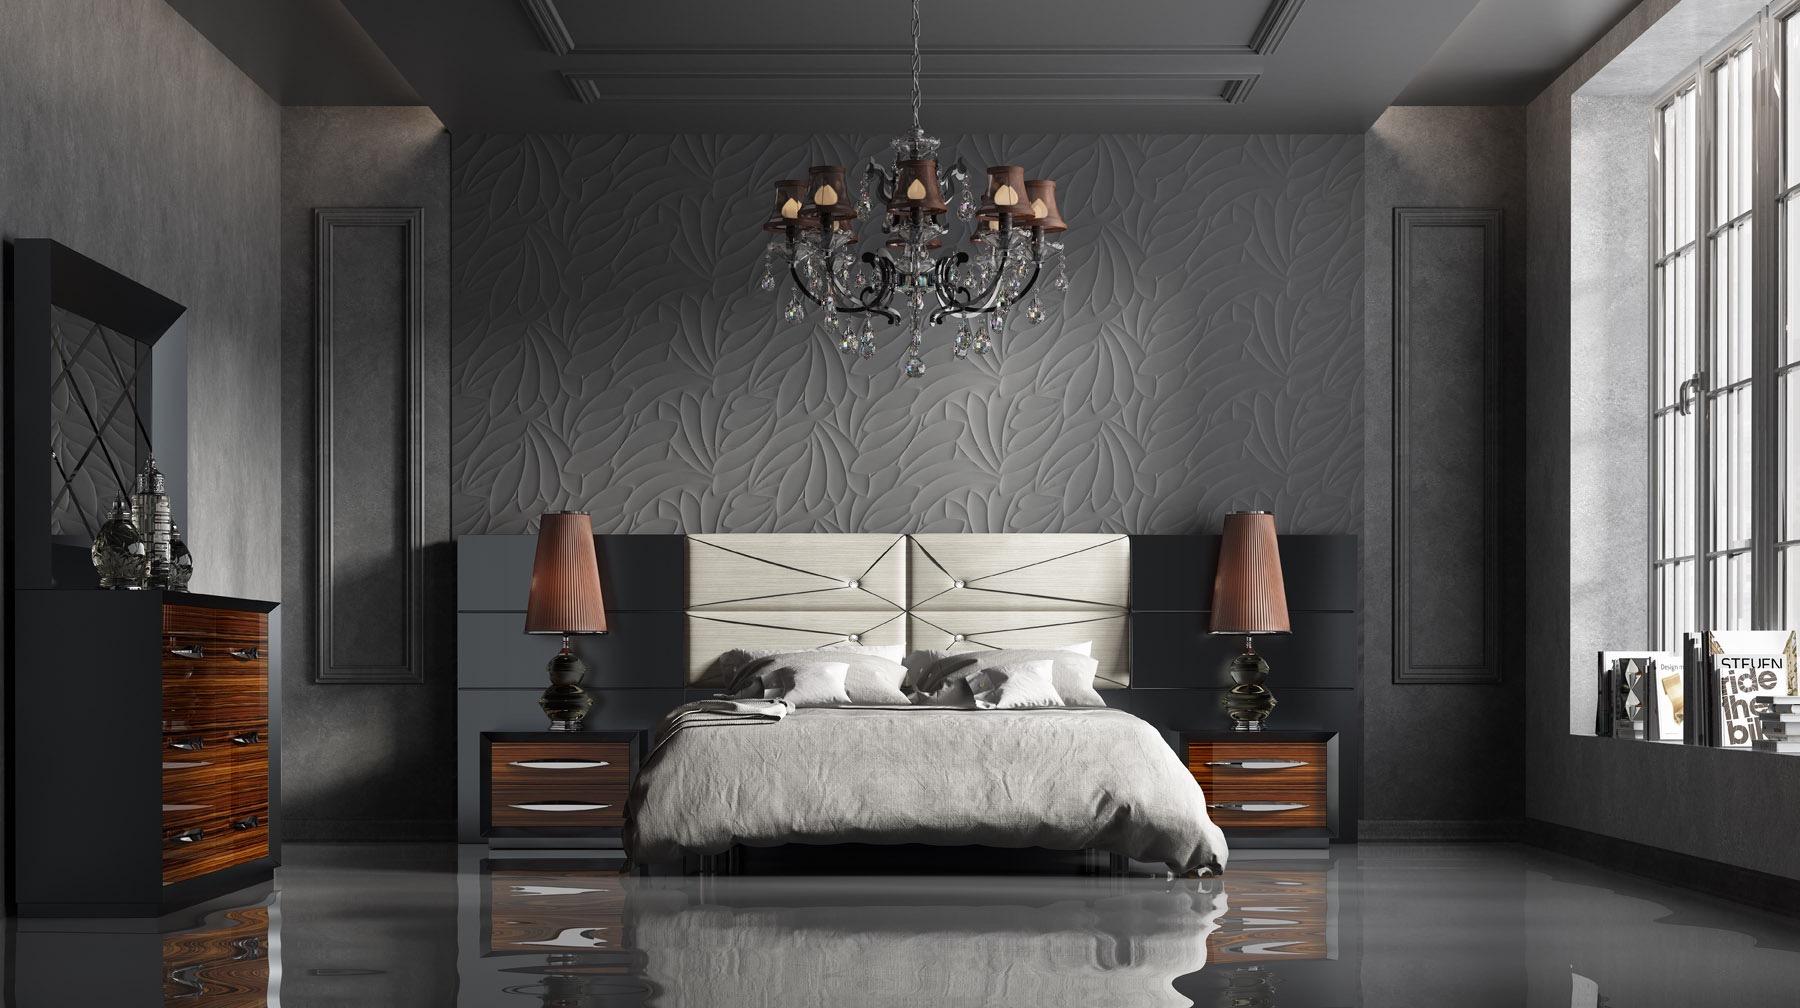 Dormitorio Karen ~ Dormitorio moderno klassic Karen no disponible en Portobellostreet es